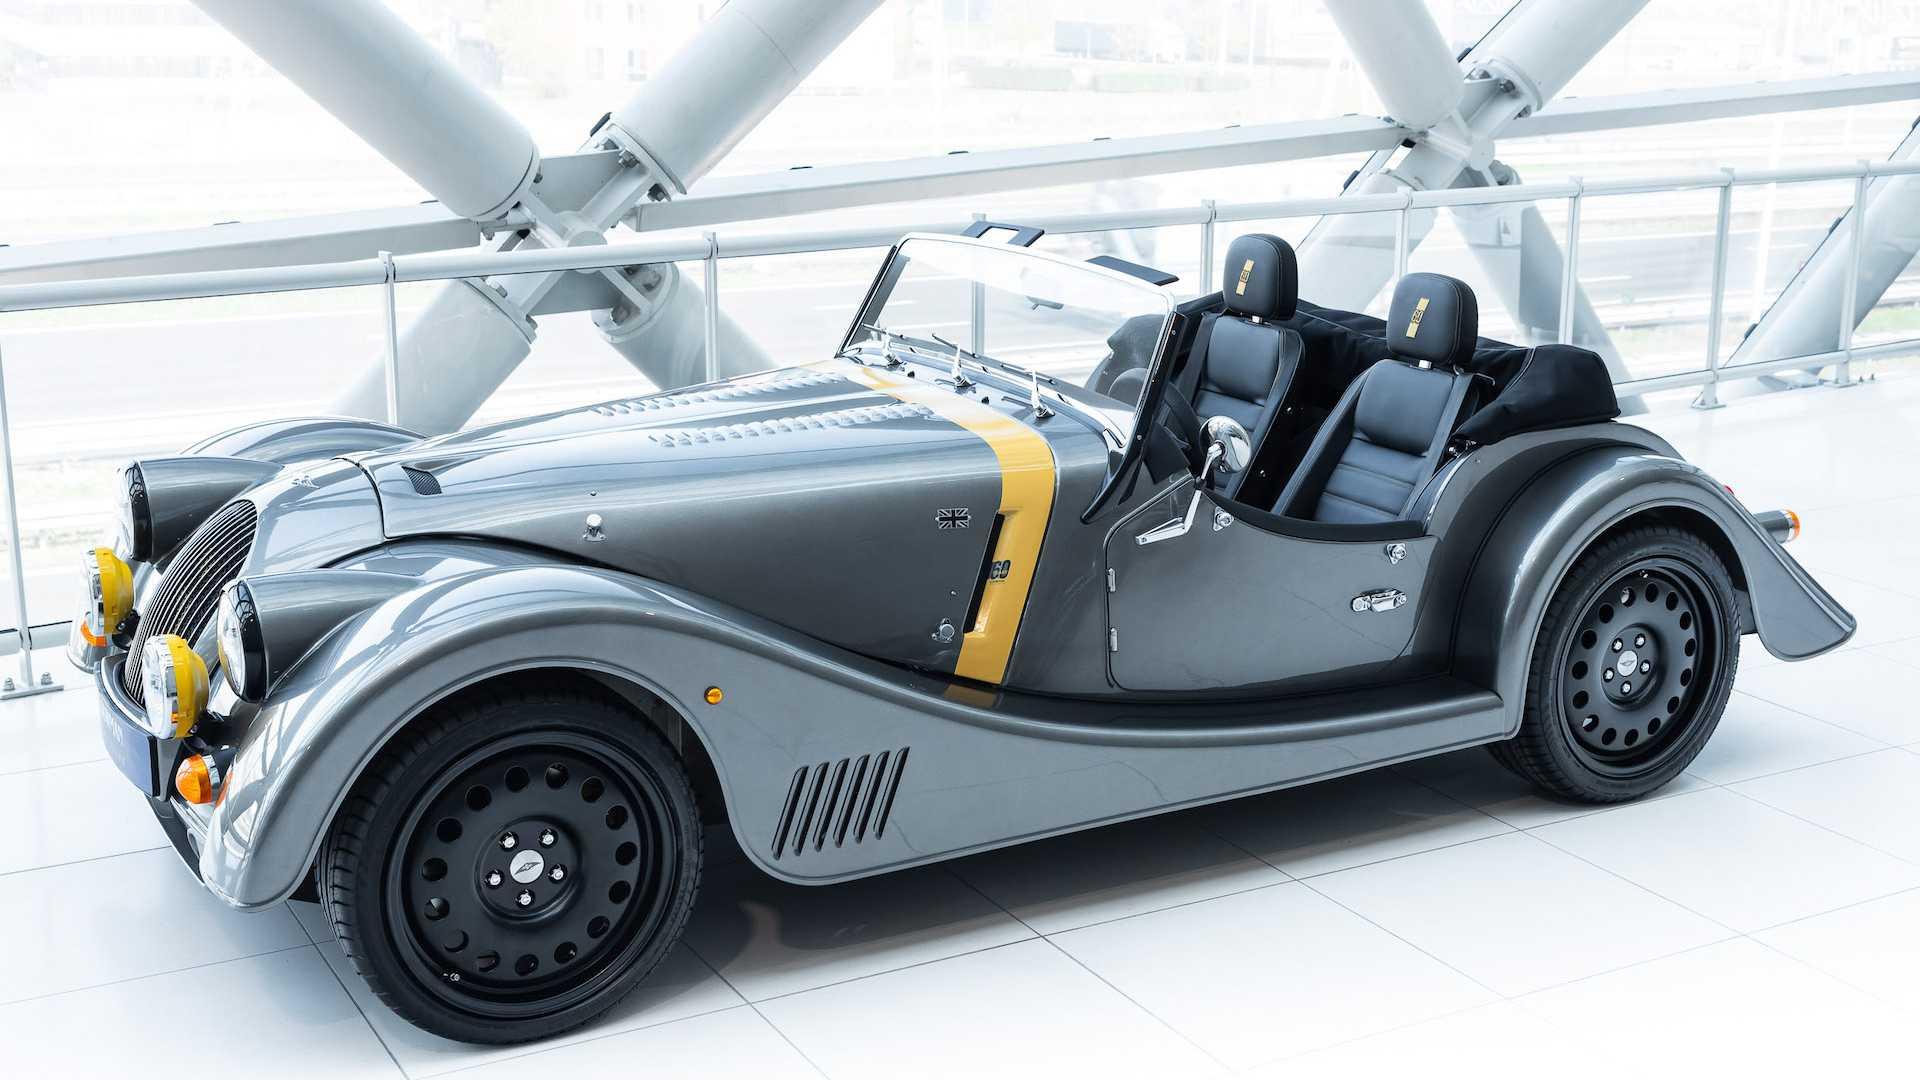 Morgan выпустил юбилейную версию своих ретро-автомобилей